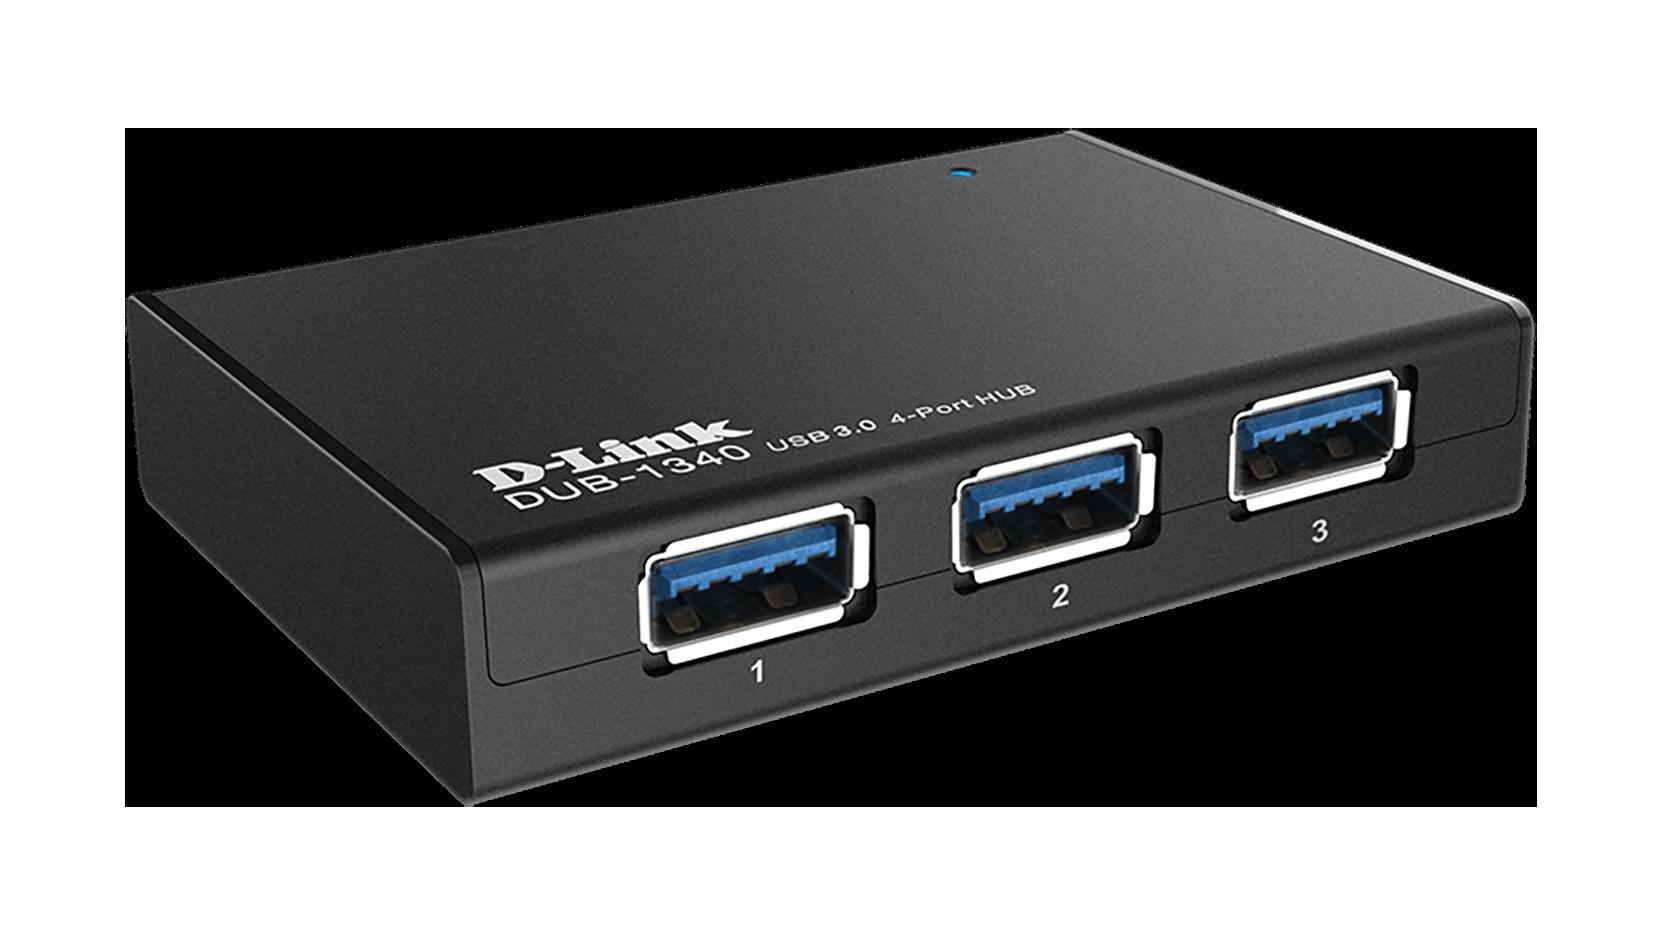 DUB-1340 Hub 4 ports USB 3.0